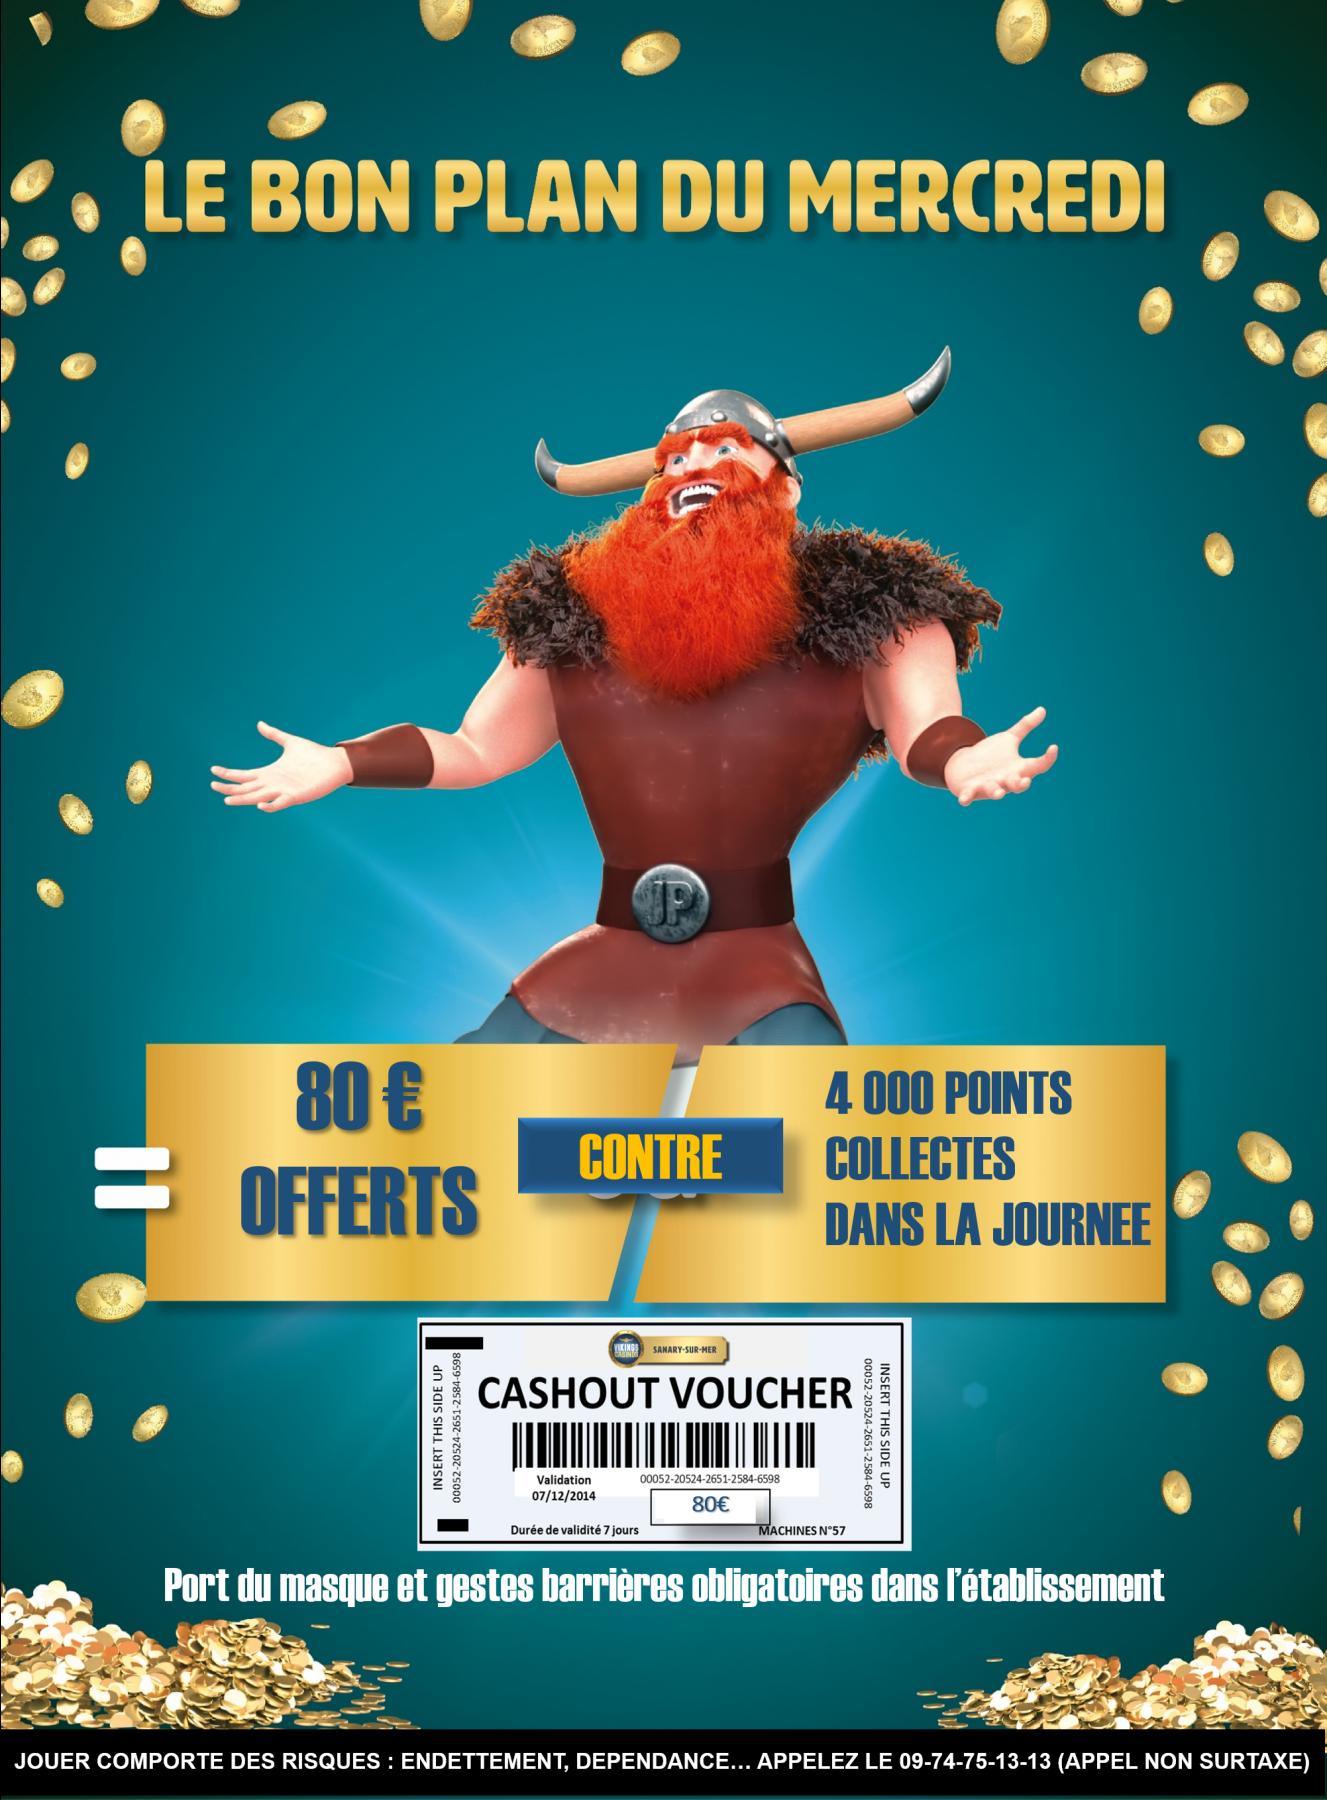 80€ OFFERTS en ticket de jeux